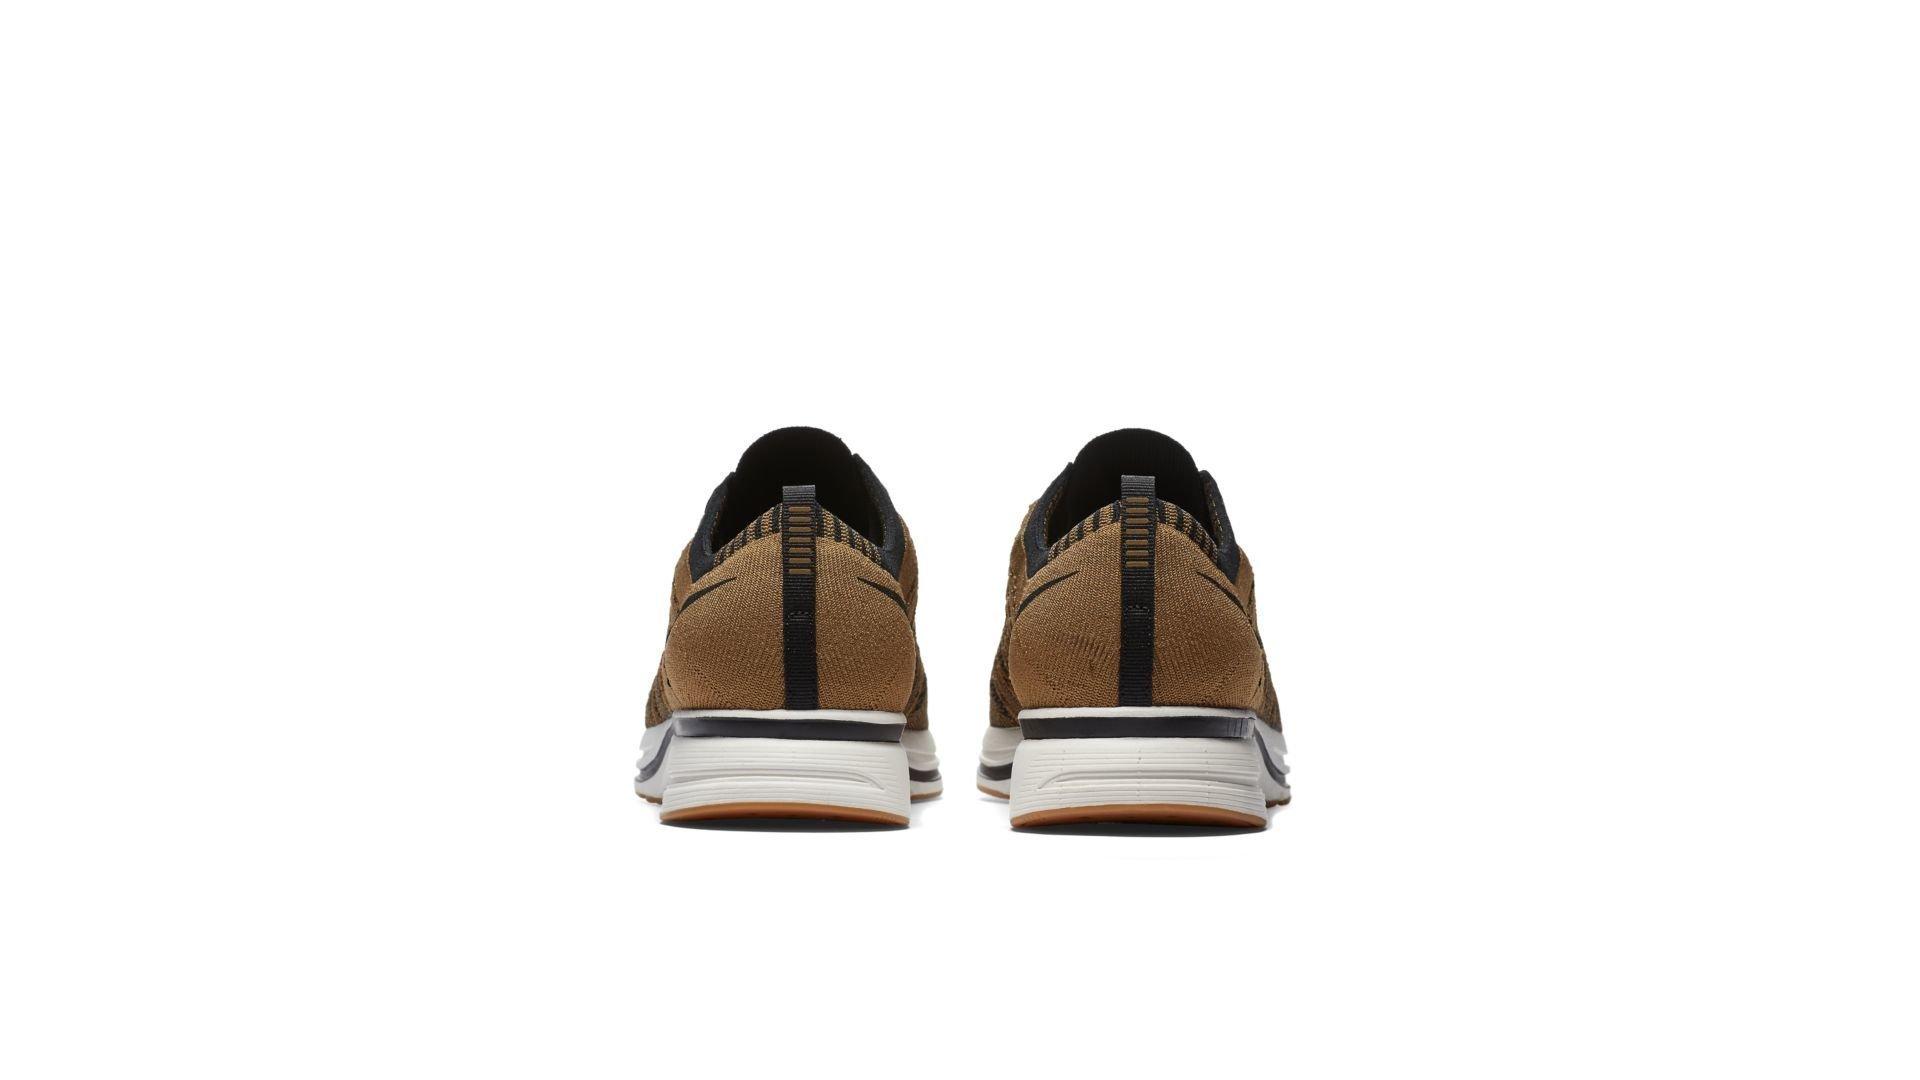 Nike Flyknit Trainer Golden Beige (AH8396-203)